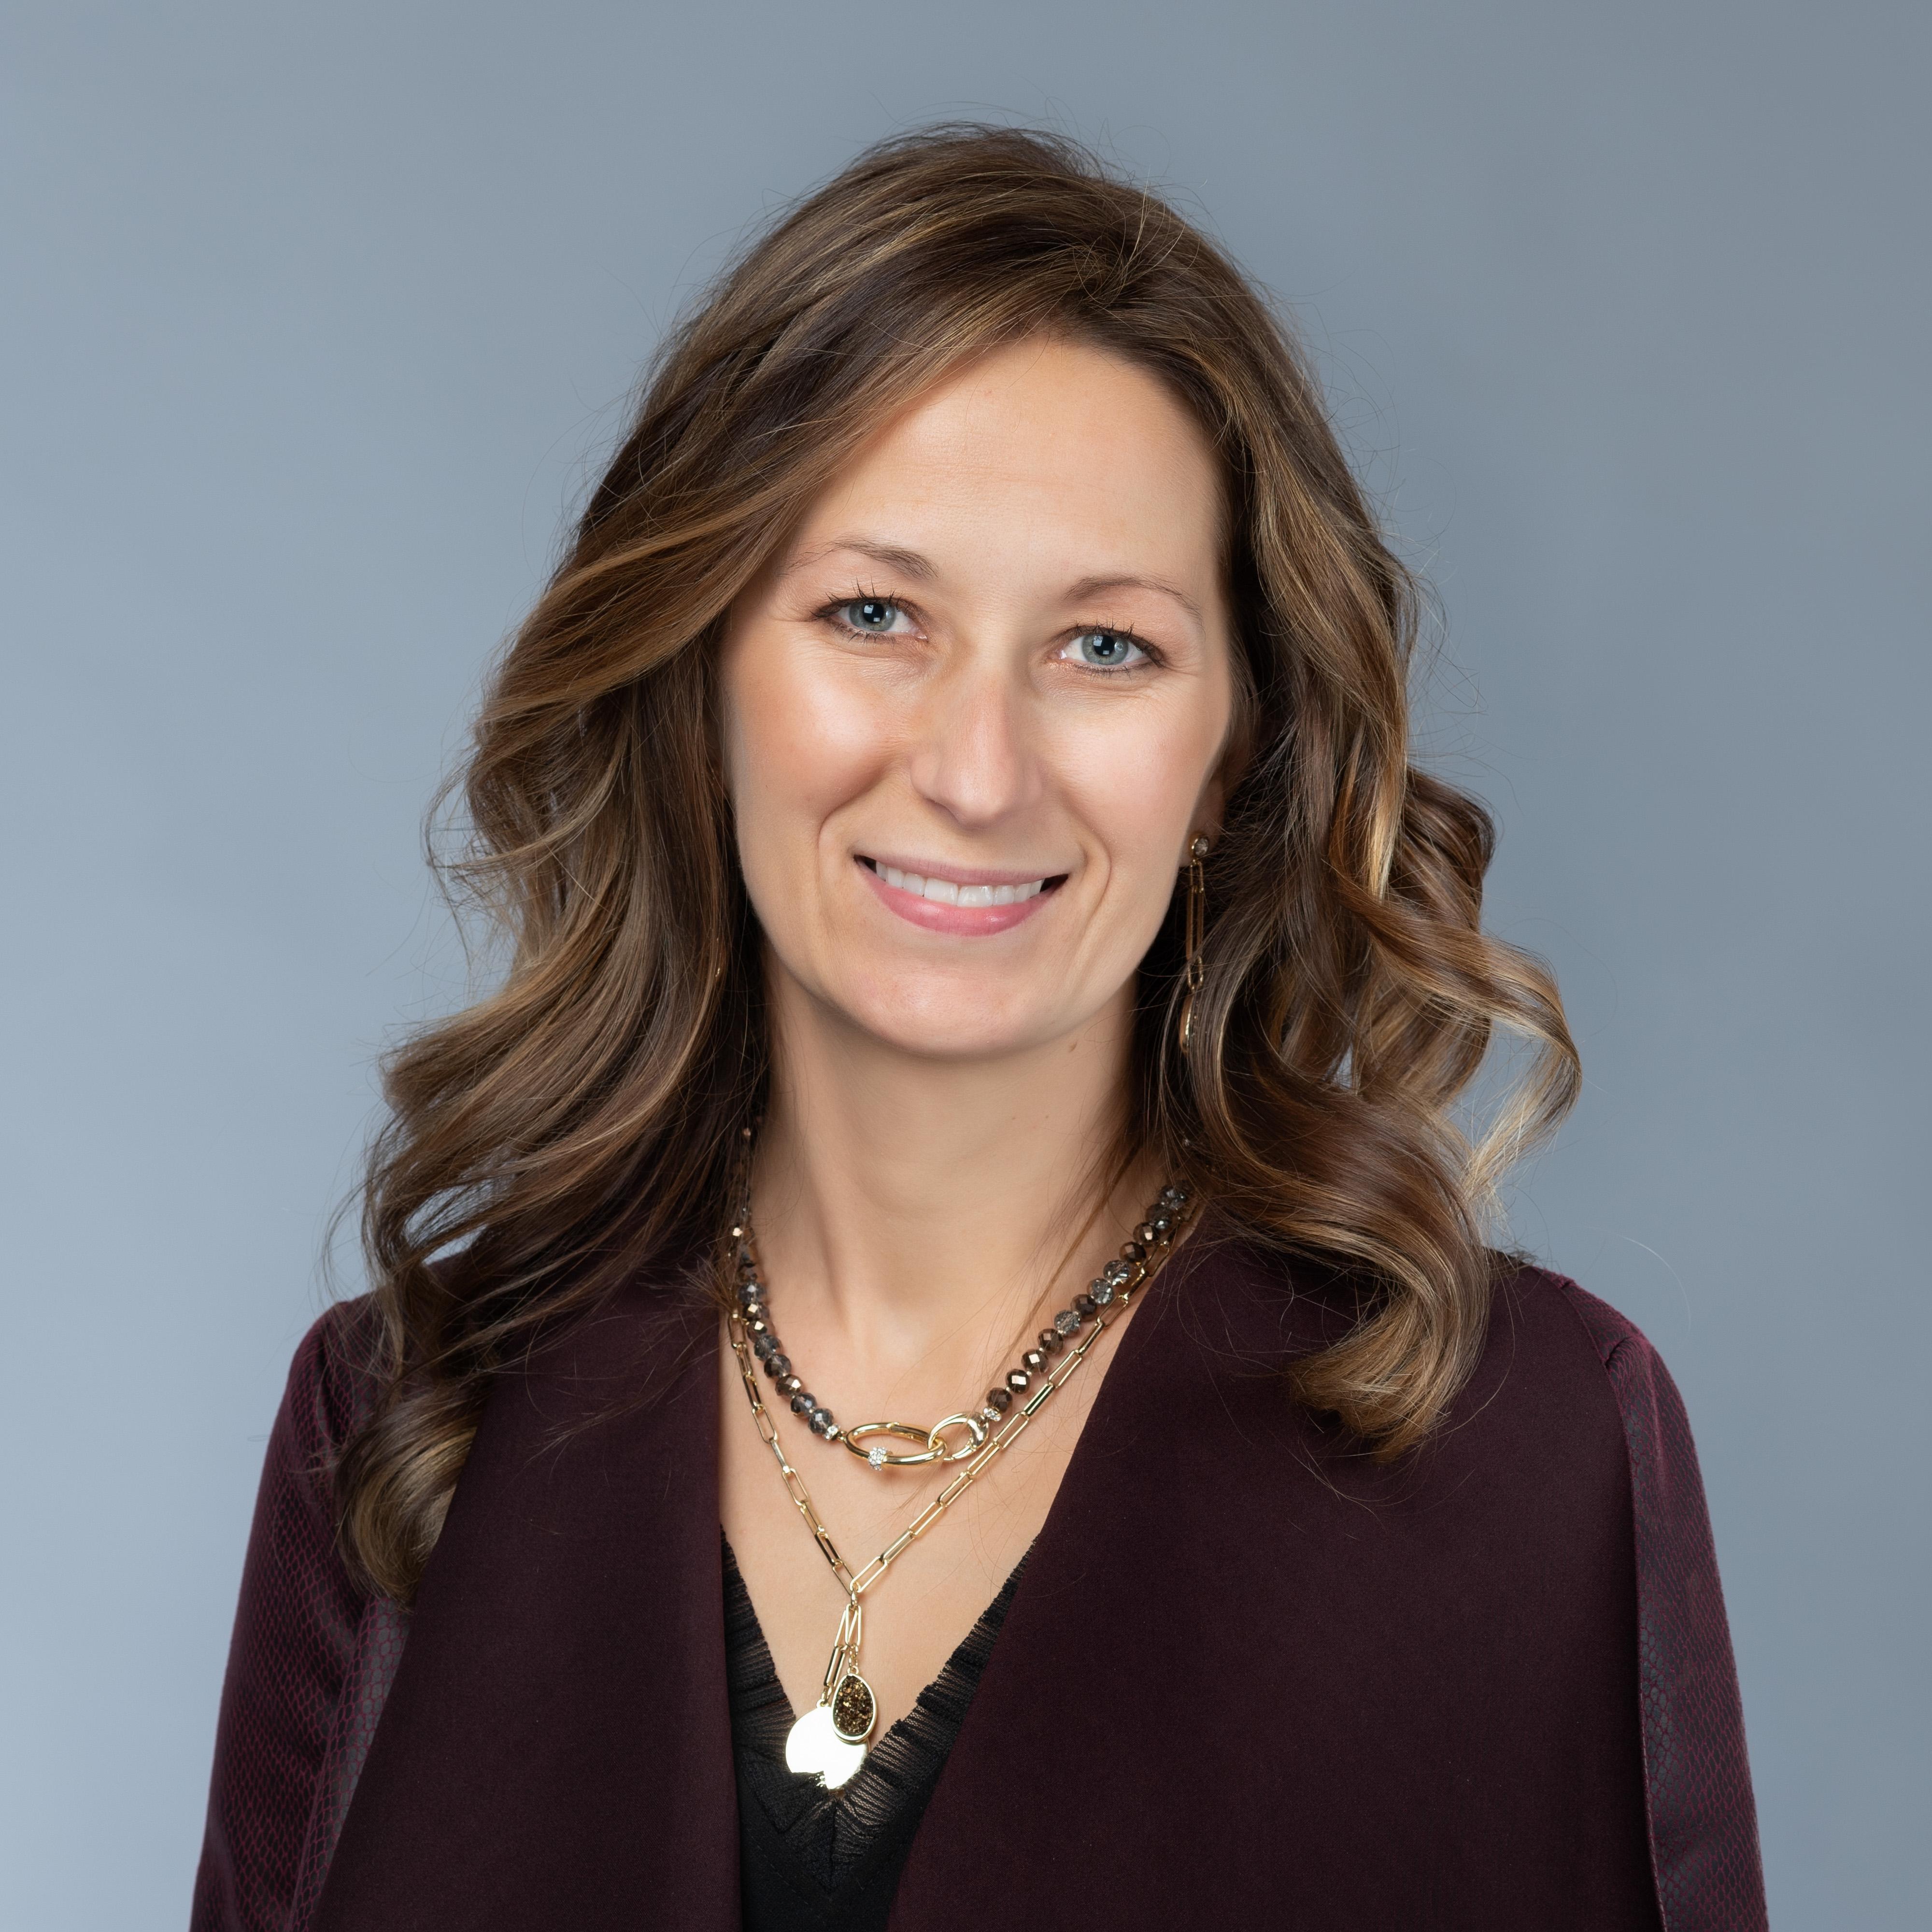 Melissa DiMuro